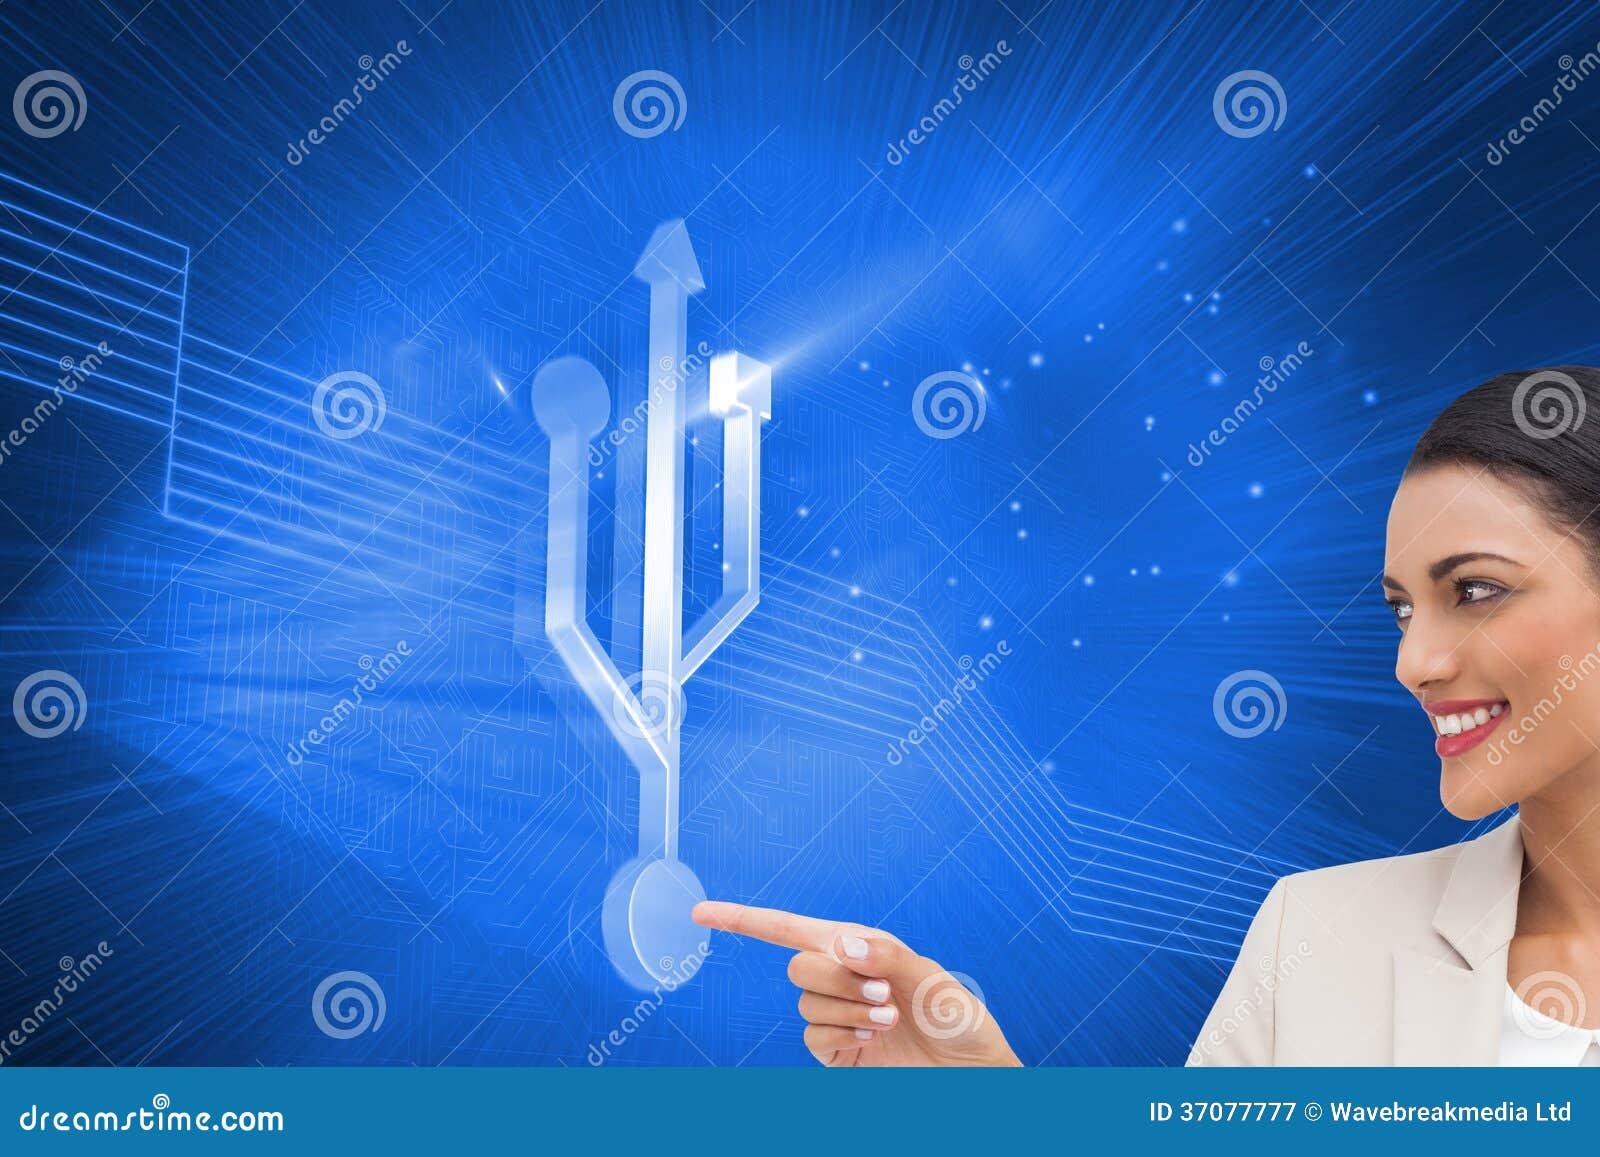 Download Uśmiechnięty Bizneswomanu Wskazywać Ilustracji - Ilustracja złożonej z grafika, łączy: 37077777